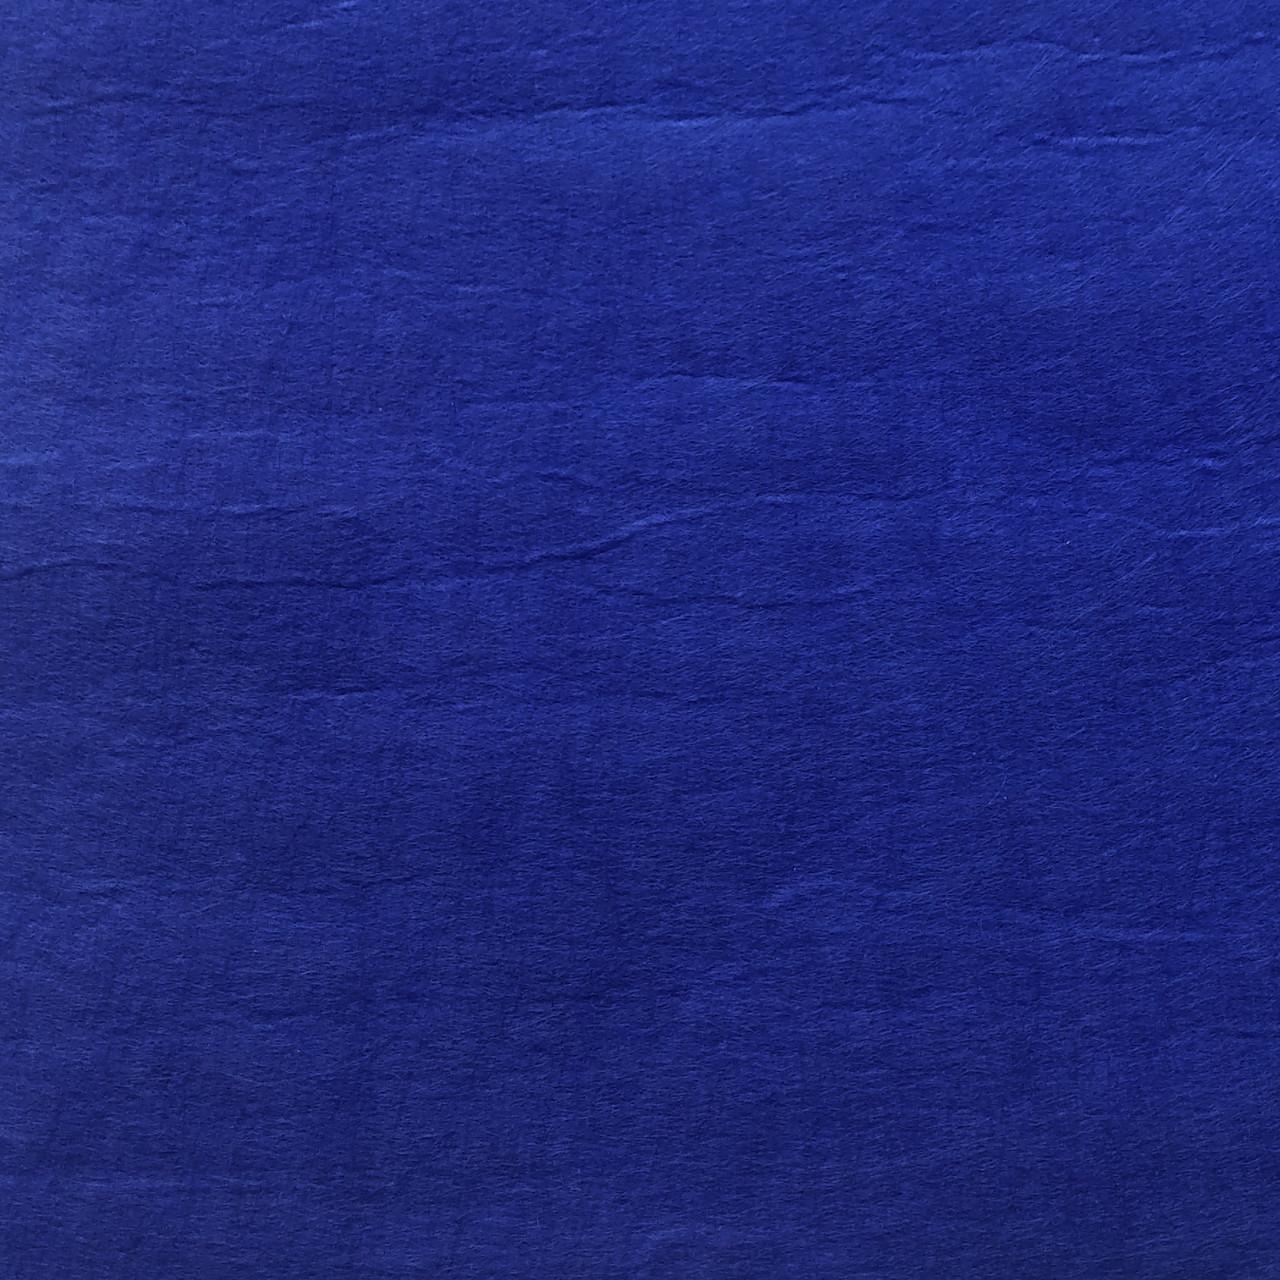 Фетр жесткий 1 мм, 20x30 см, ТЕМНО-СИНИЙ